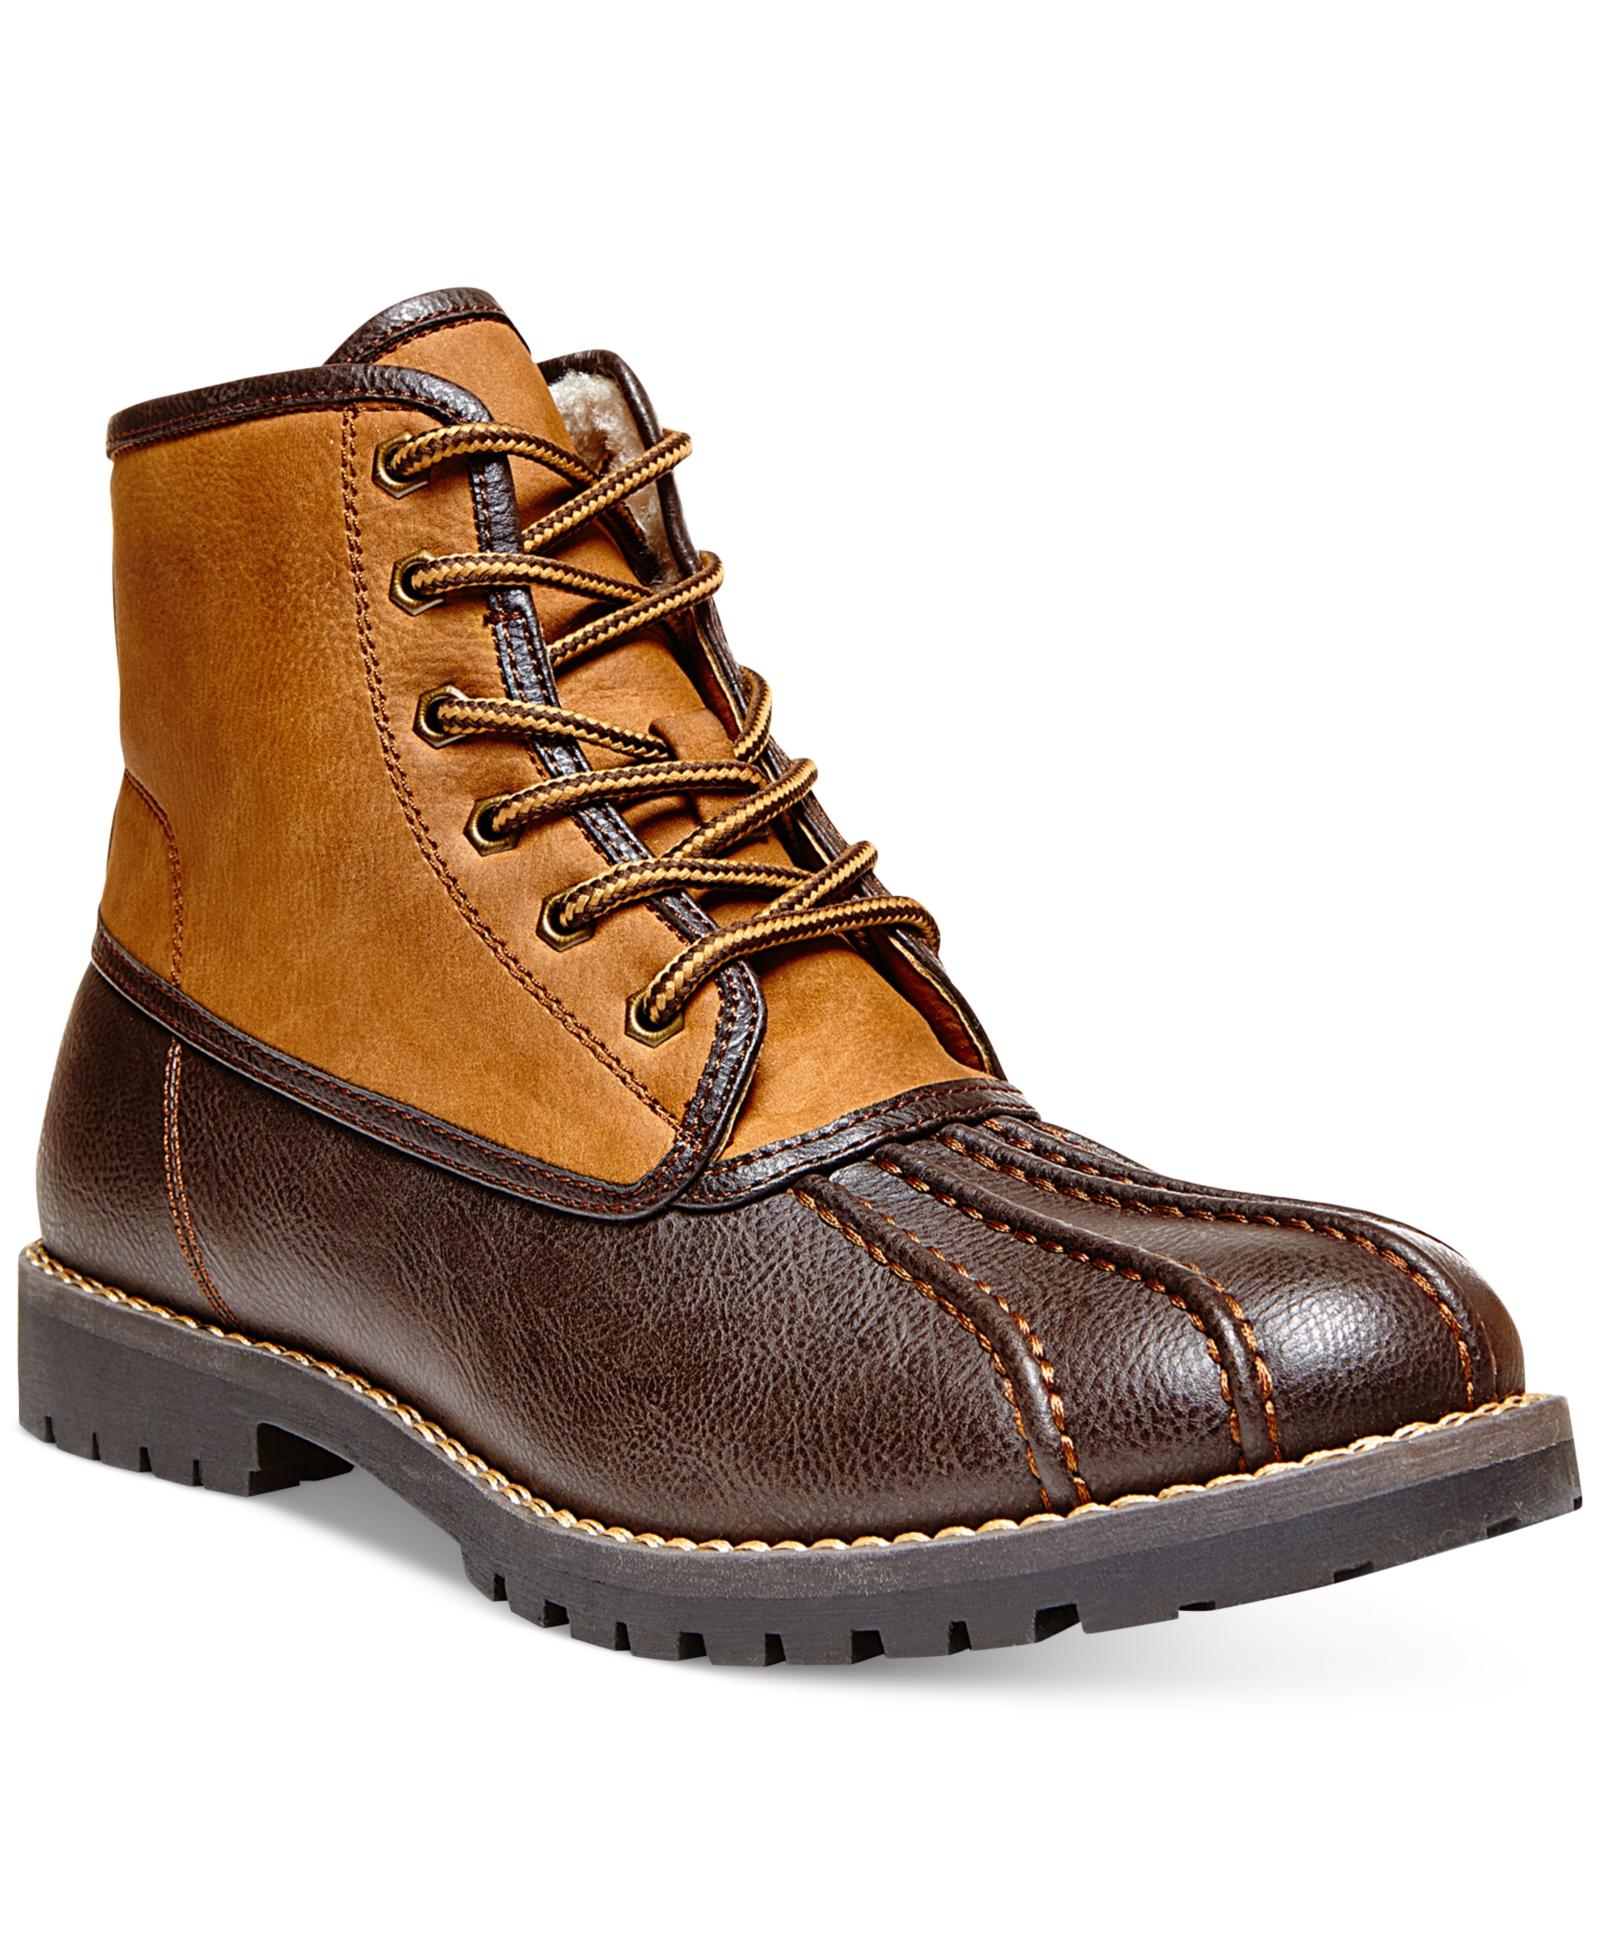 6cc44a17302 Madden Crtlnd Duck Boots Men's Shoes | Steve Madden | Shoe.Net